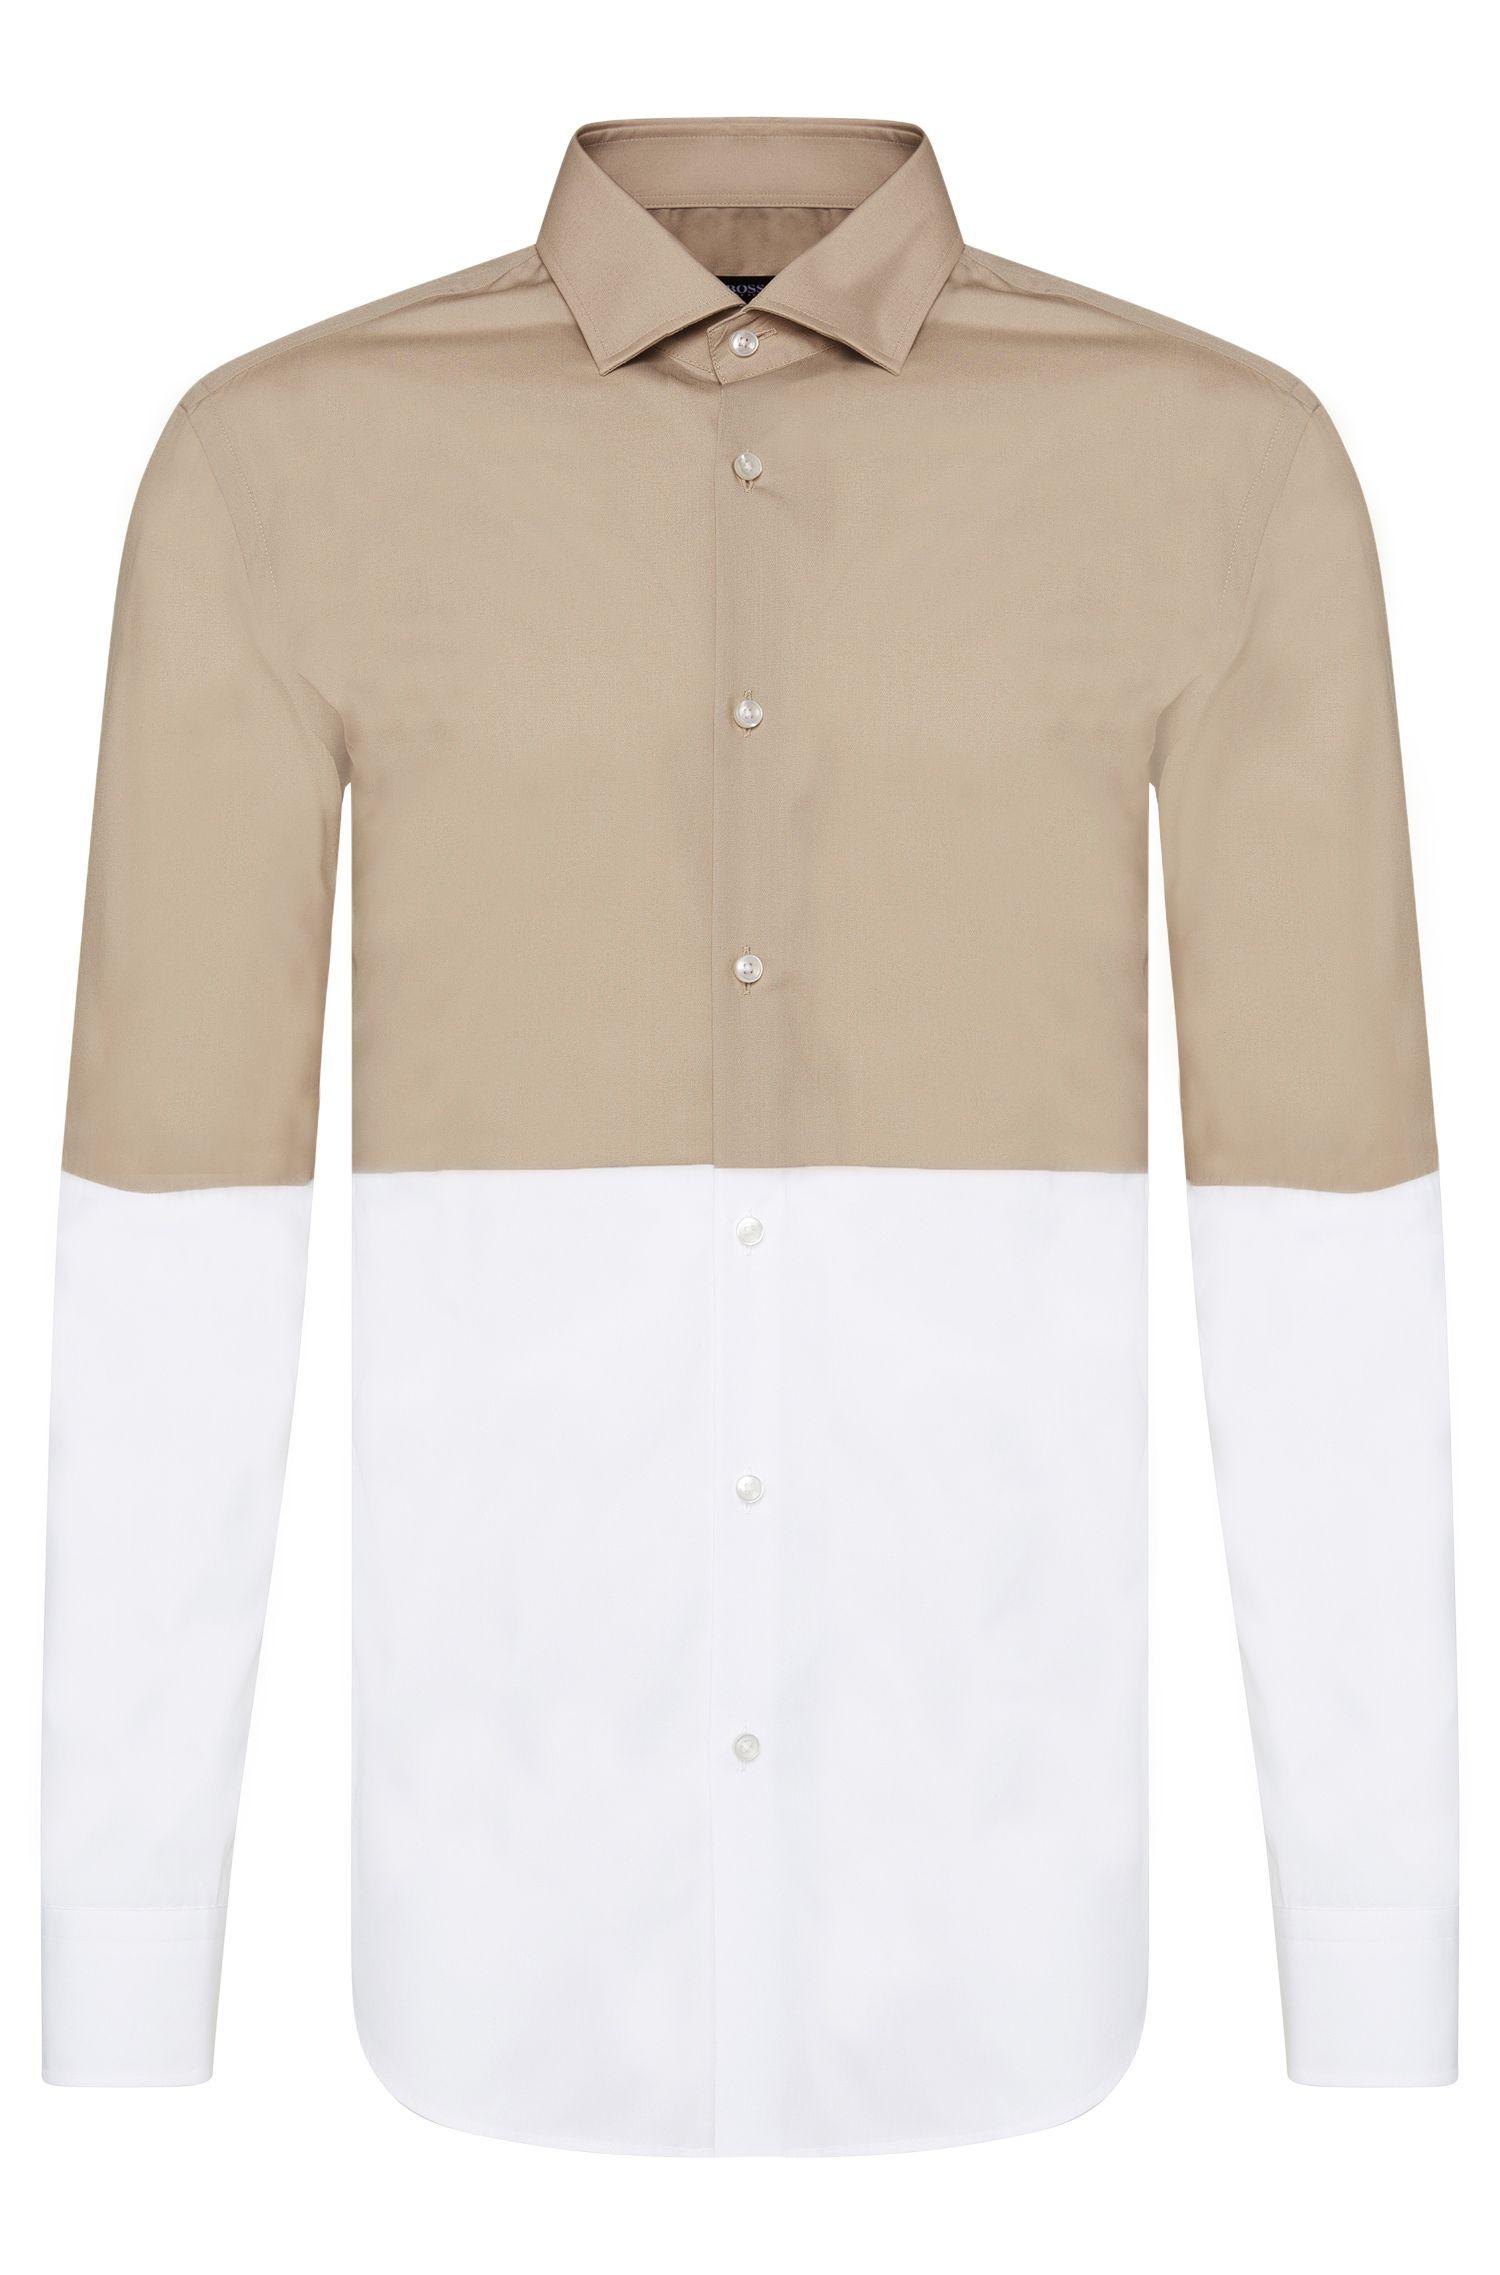 Colorblocked Cotton Dress Shirt, Slim-Fit | Jeven